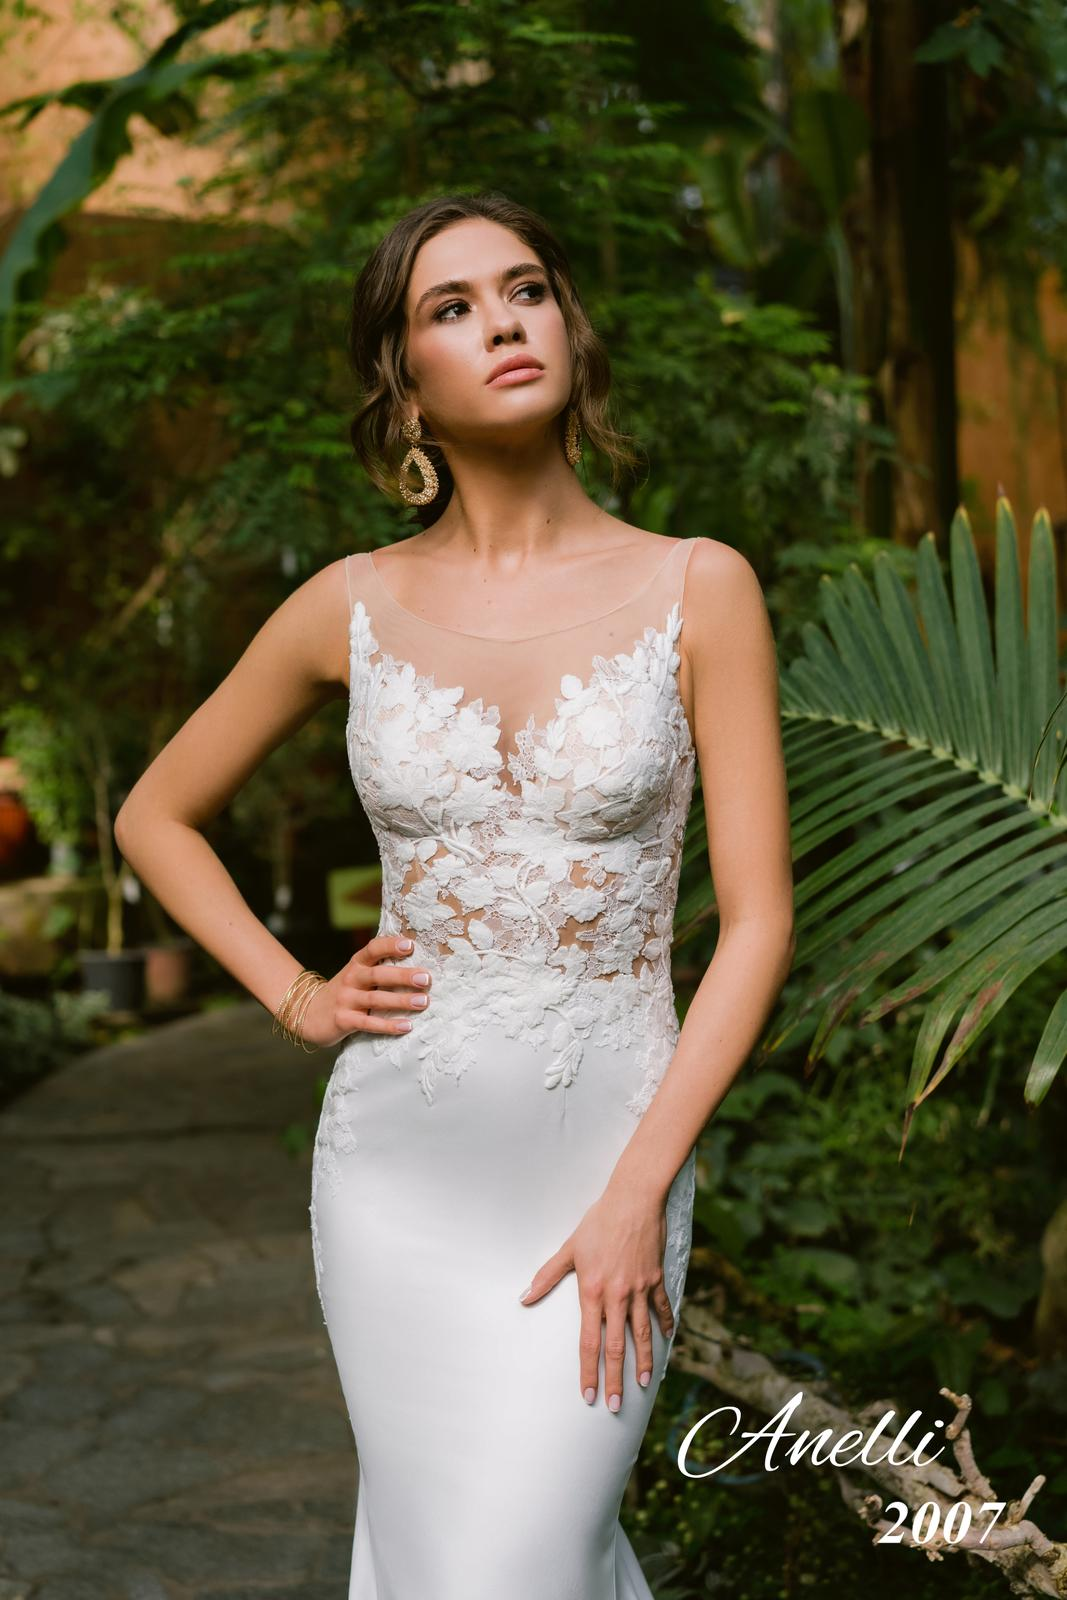 Svadobné šaty - Breeze 2007 - Obrázok č. 4